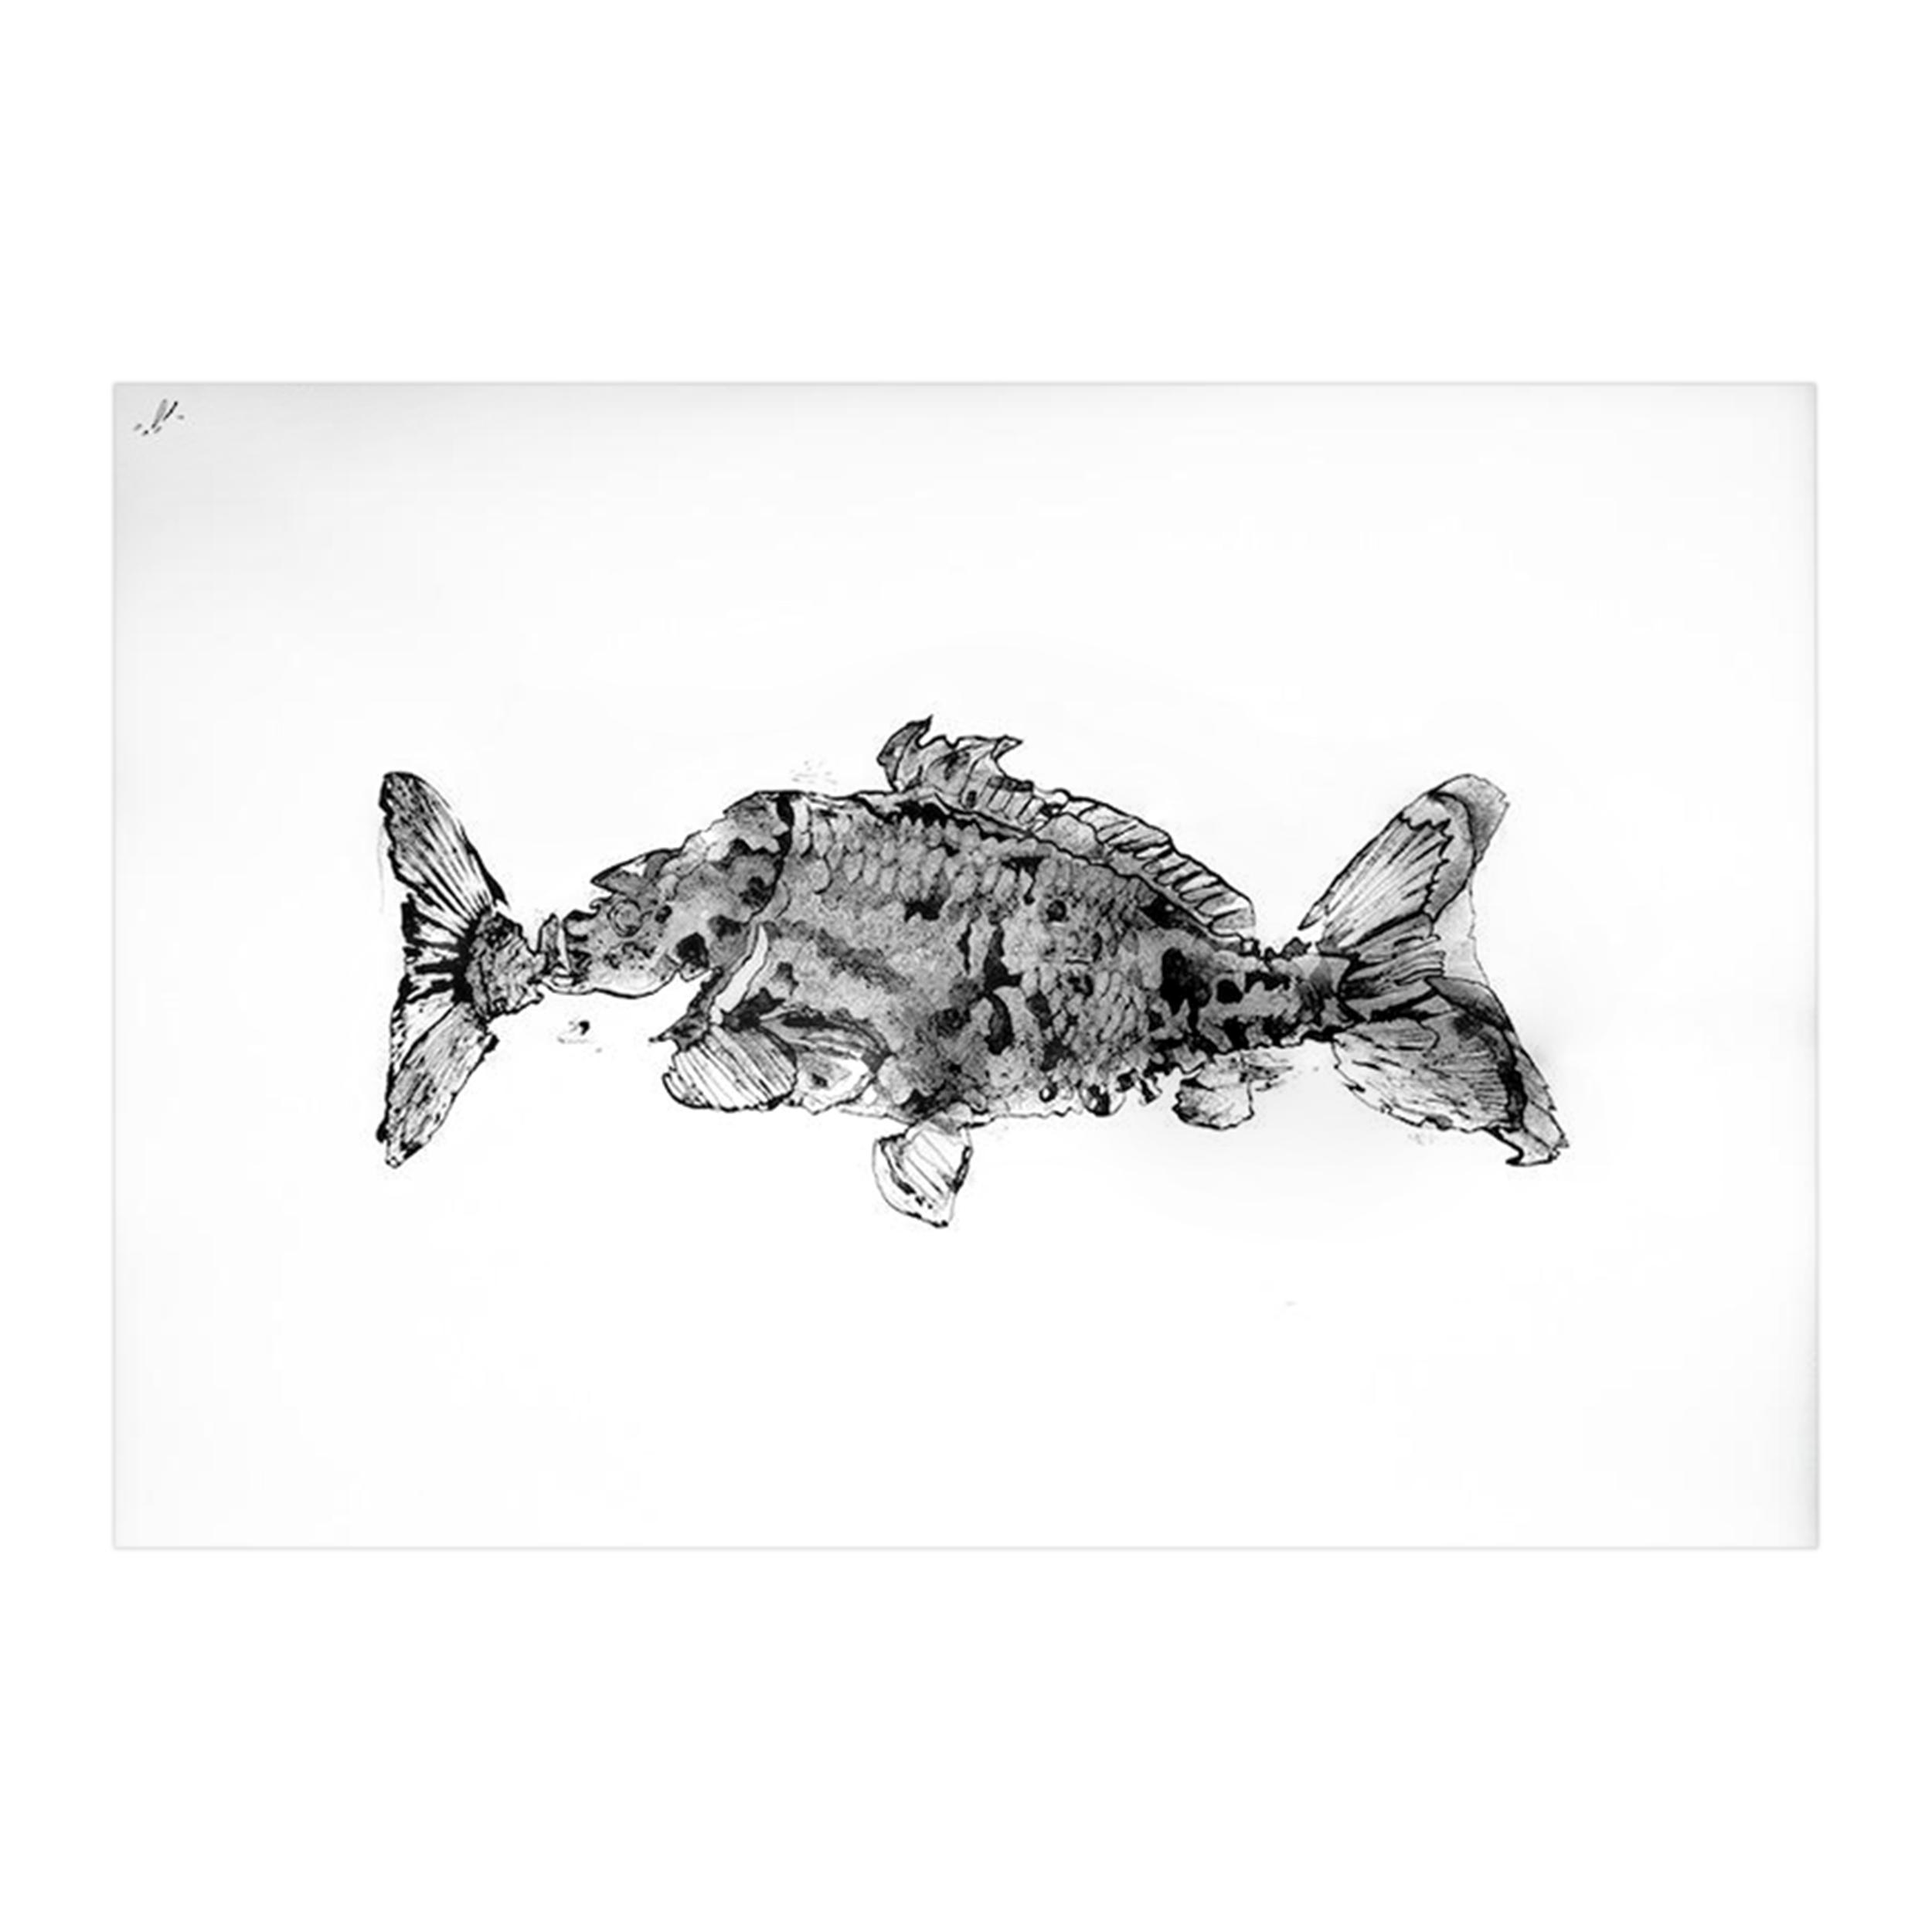 Картина Carpa_090Картины<br>Картина Carpa_090 — авторская художественная японская графика с применением китайской каллиграфической туши и элементами чешуи. Оформлена в натуральную деревянную раму ручной работы с паспарту под антибликовым стеклом, сзади стеновое крепление.<br><br><br> Размер 940x700 мм вместе с рамой.<br><br>stock: 0<br>Материал: Холст<br>Цвет: Черный+Белый<br>Состав основы: Дерево